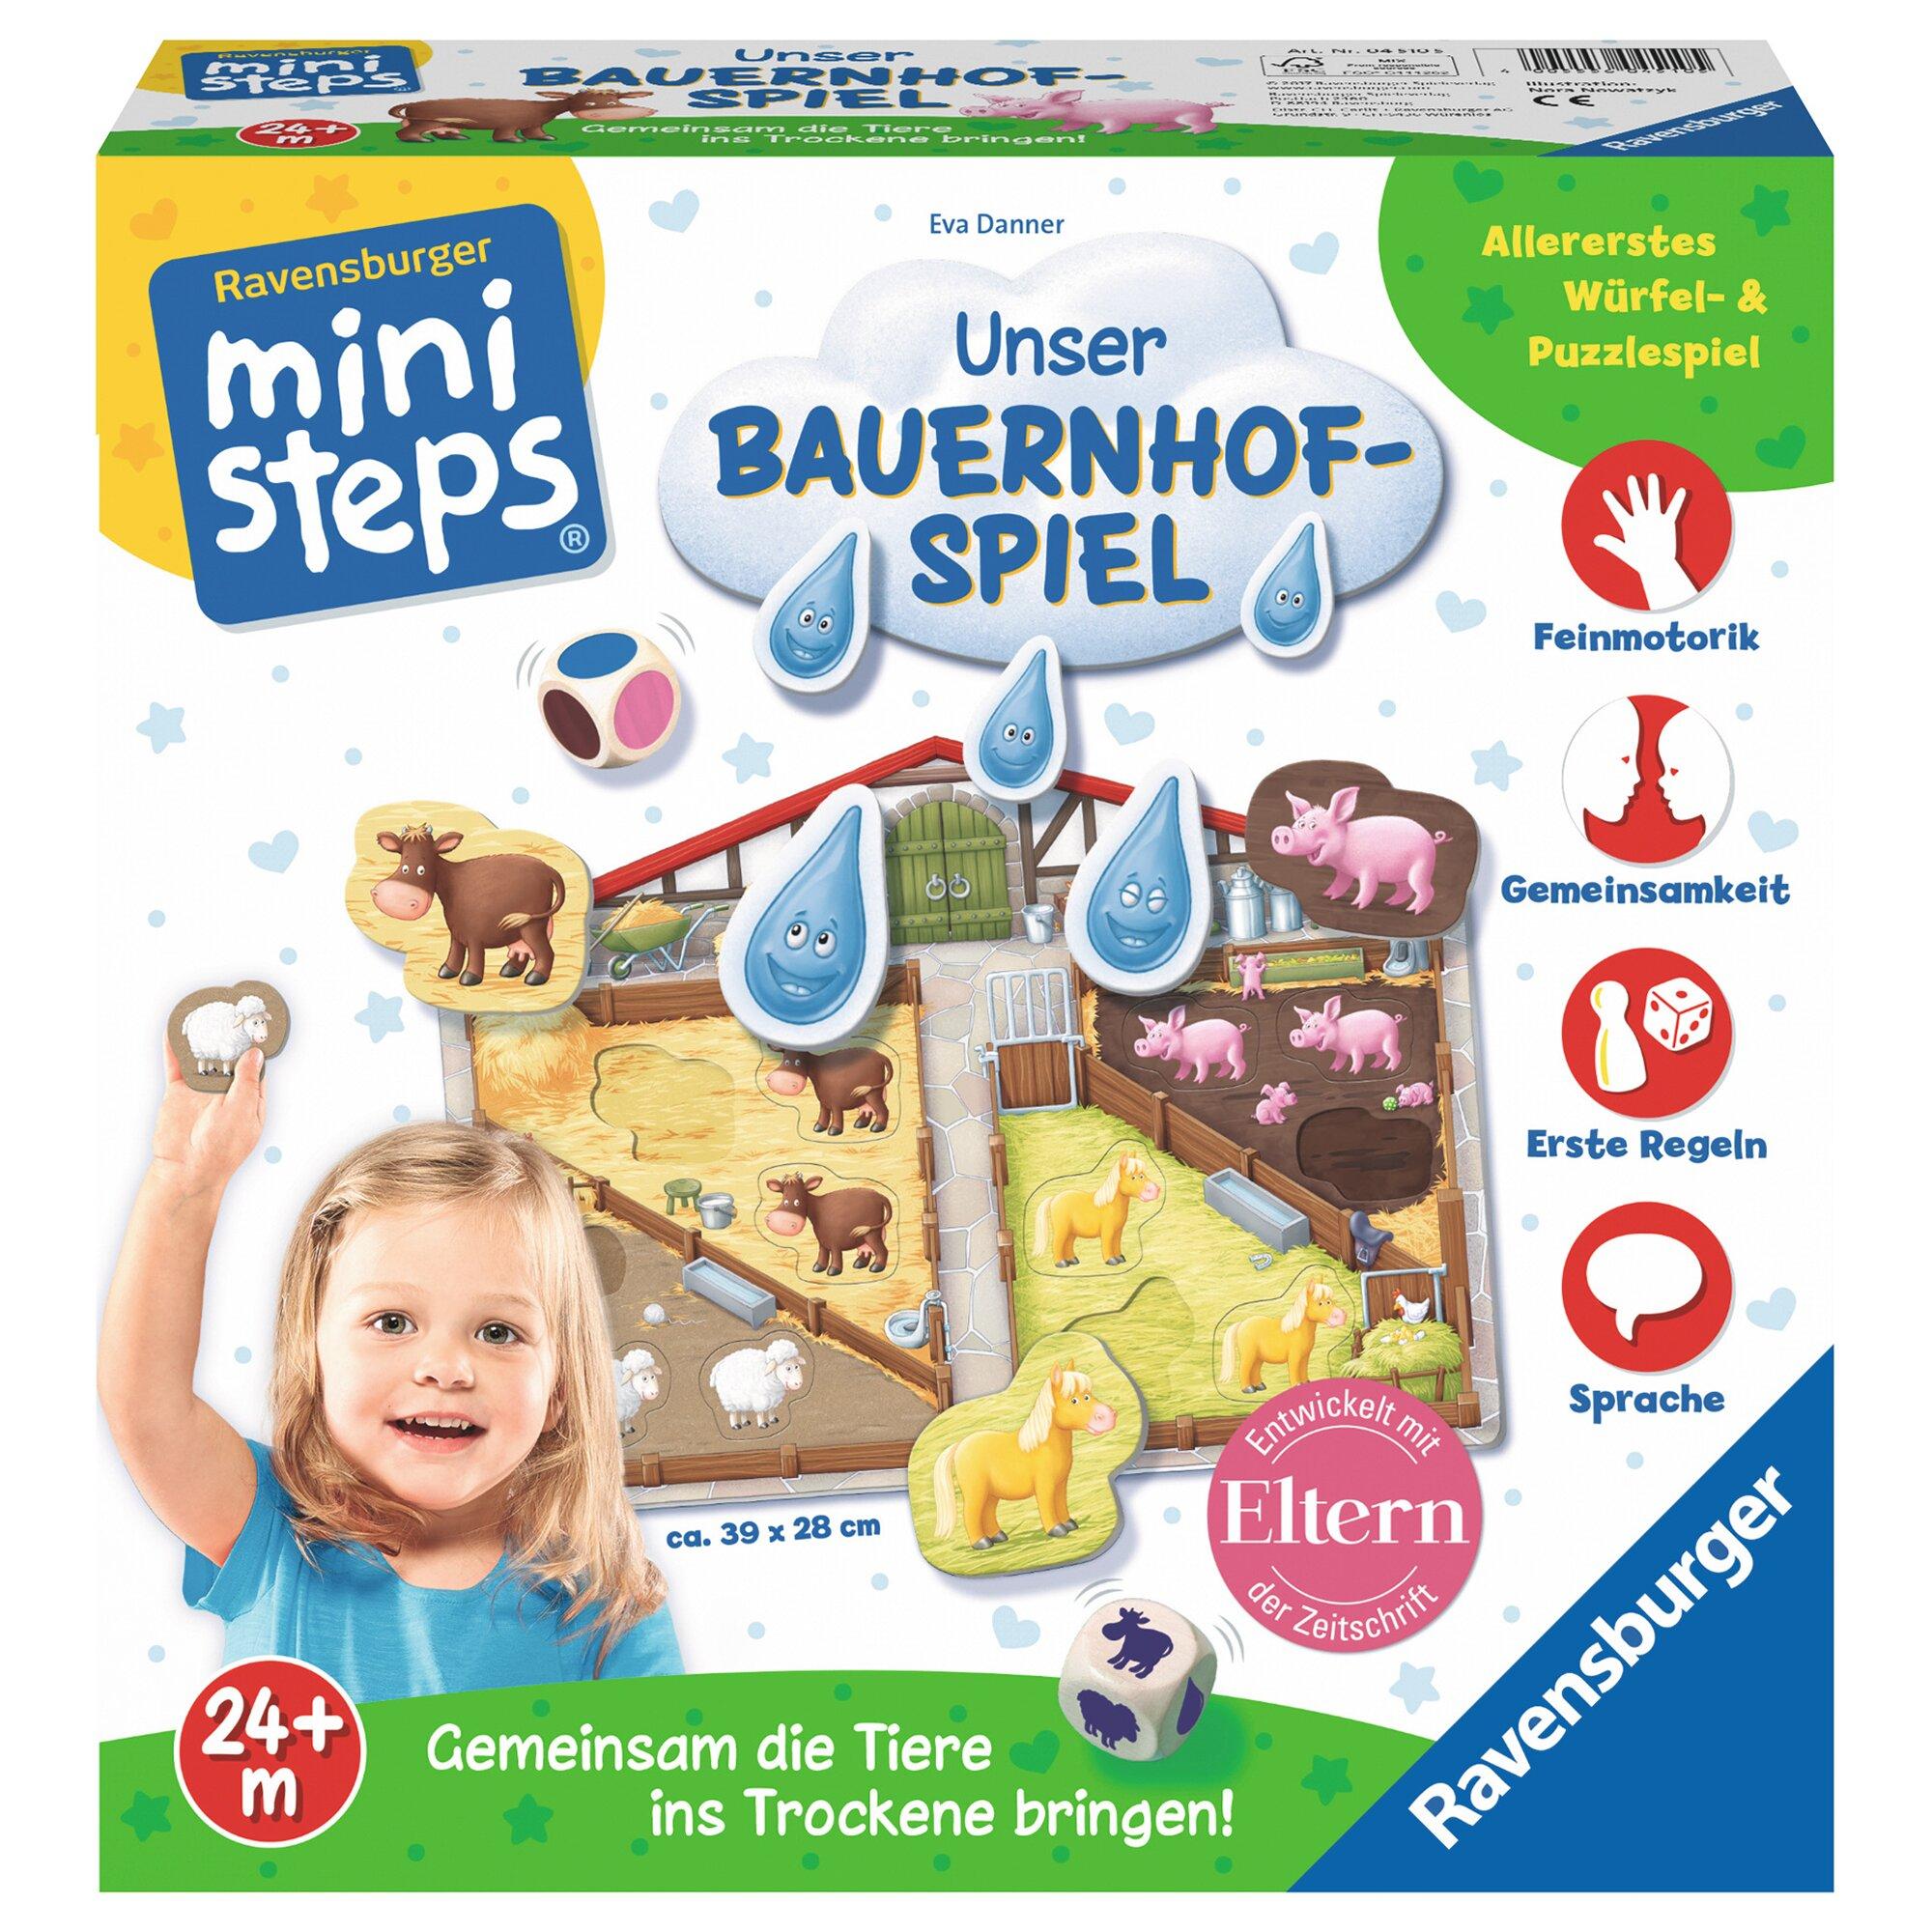 ravensburger-unser-bauernhof-spiel